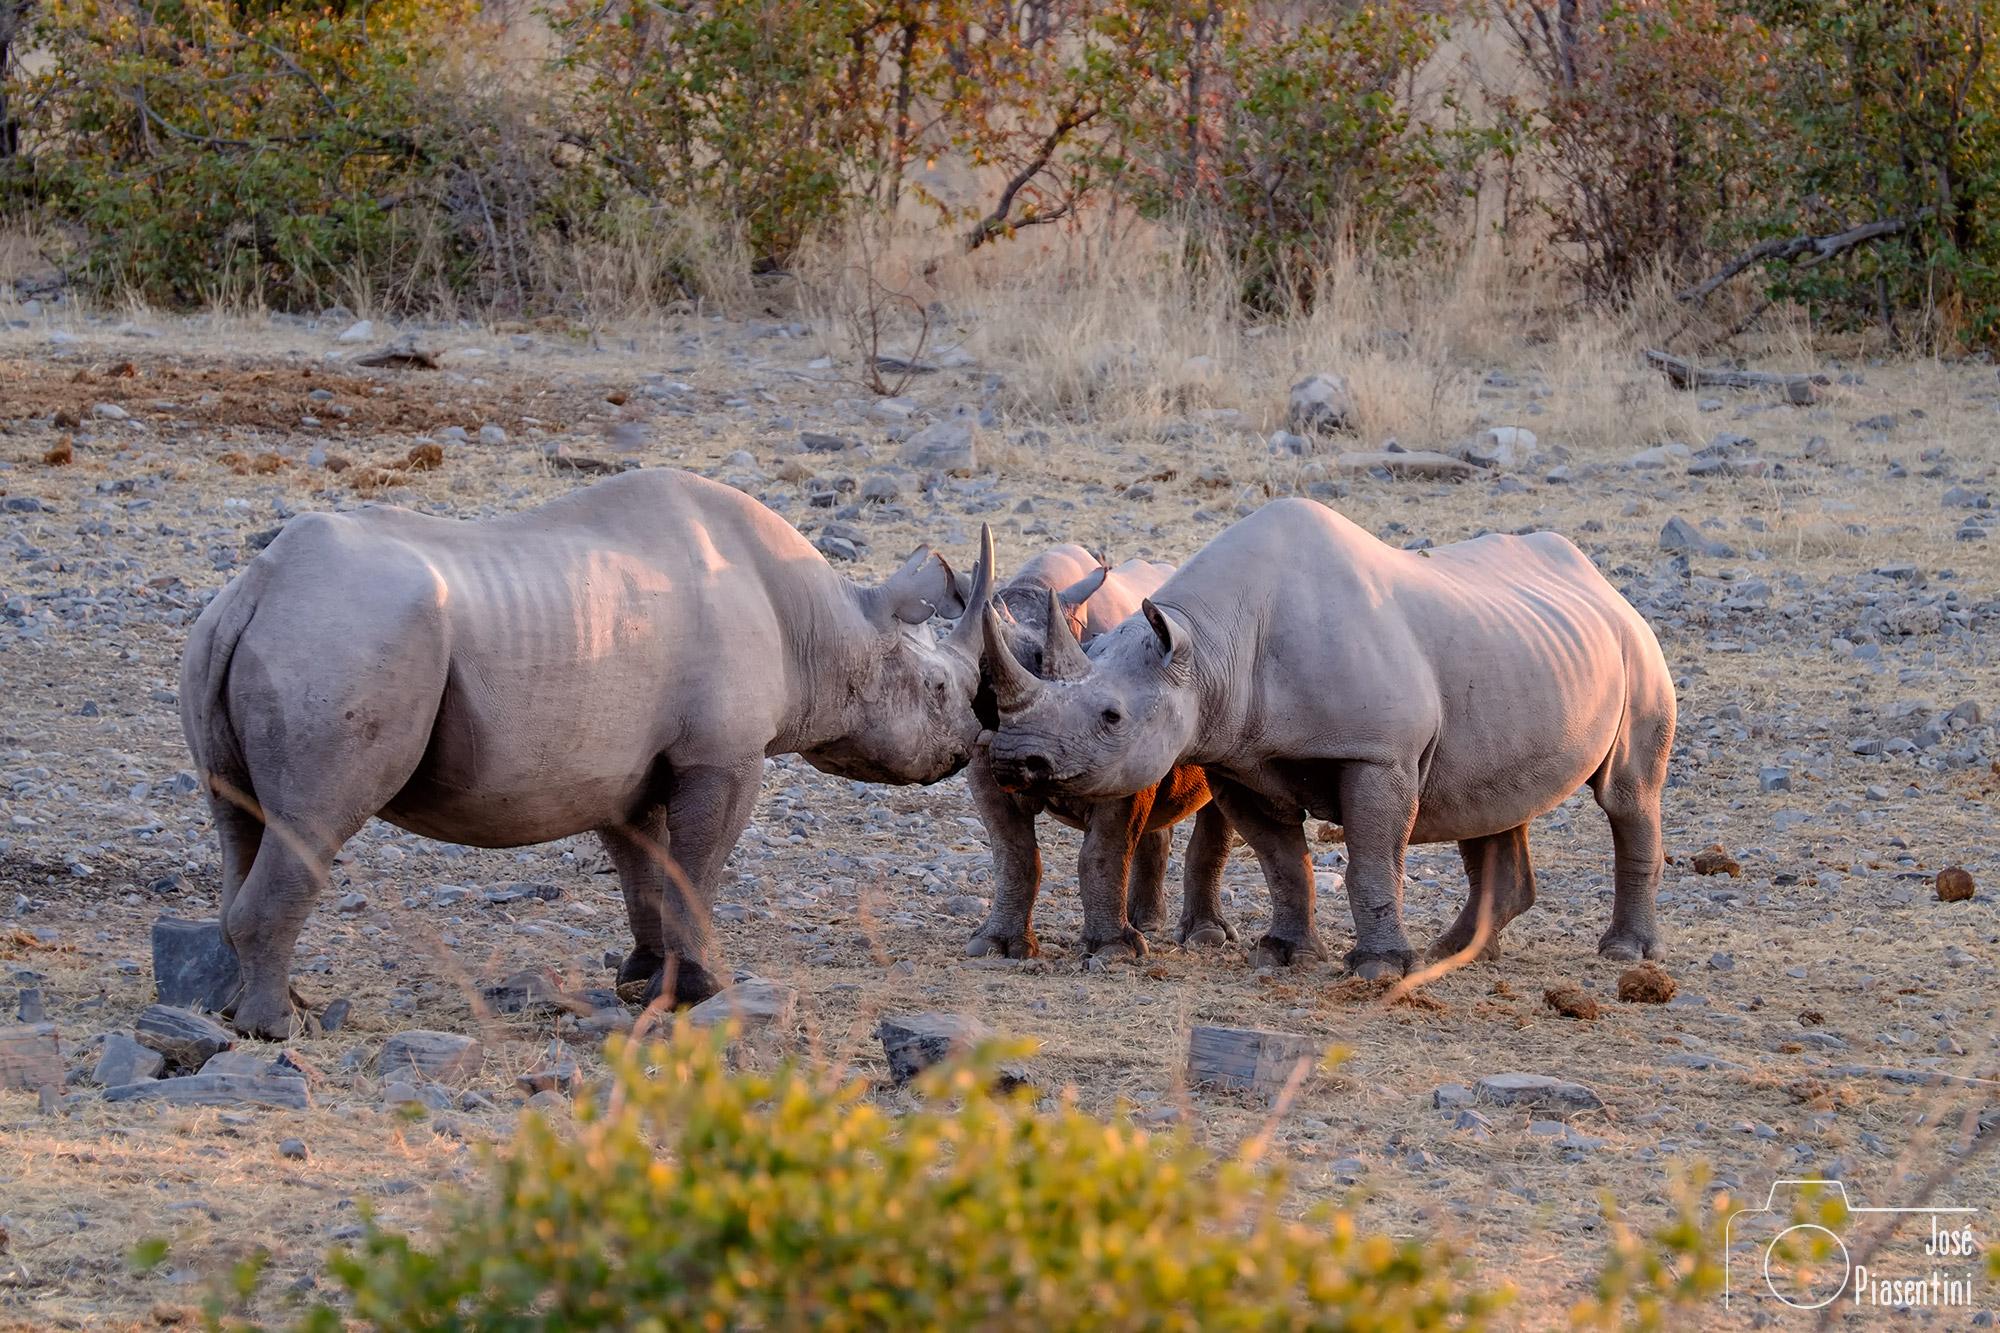 Rhinos in Etosha Park